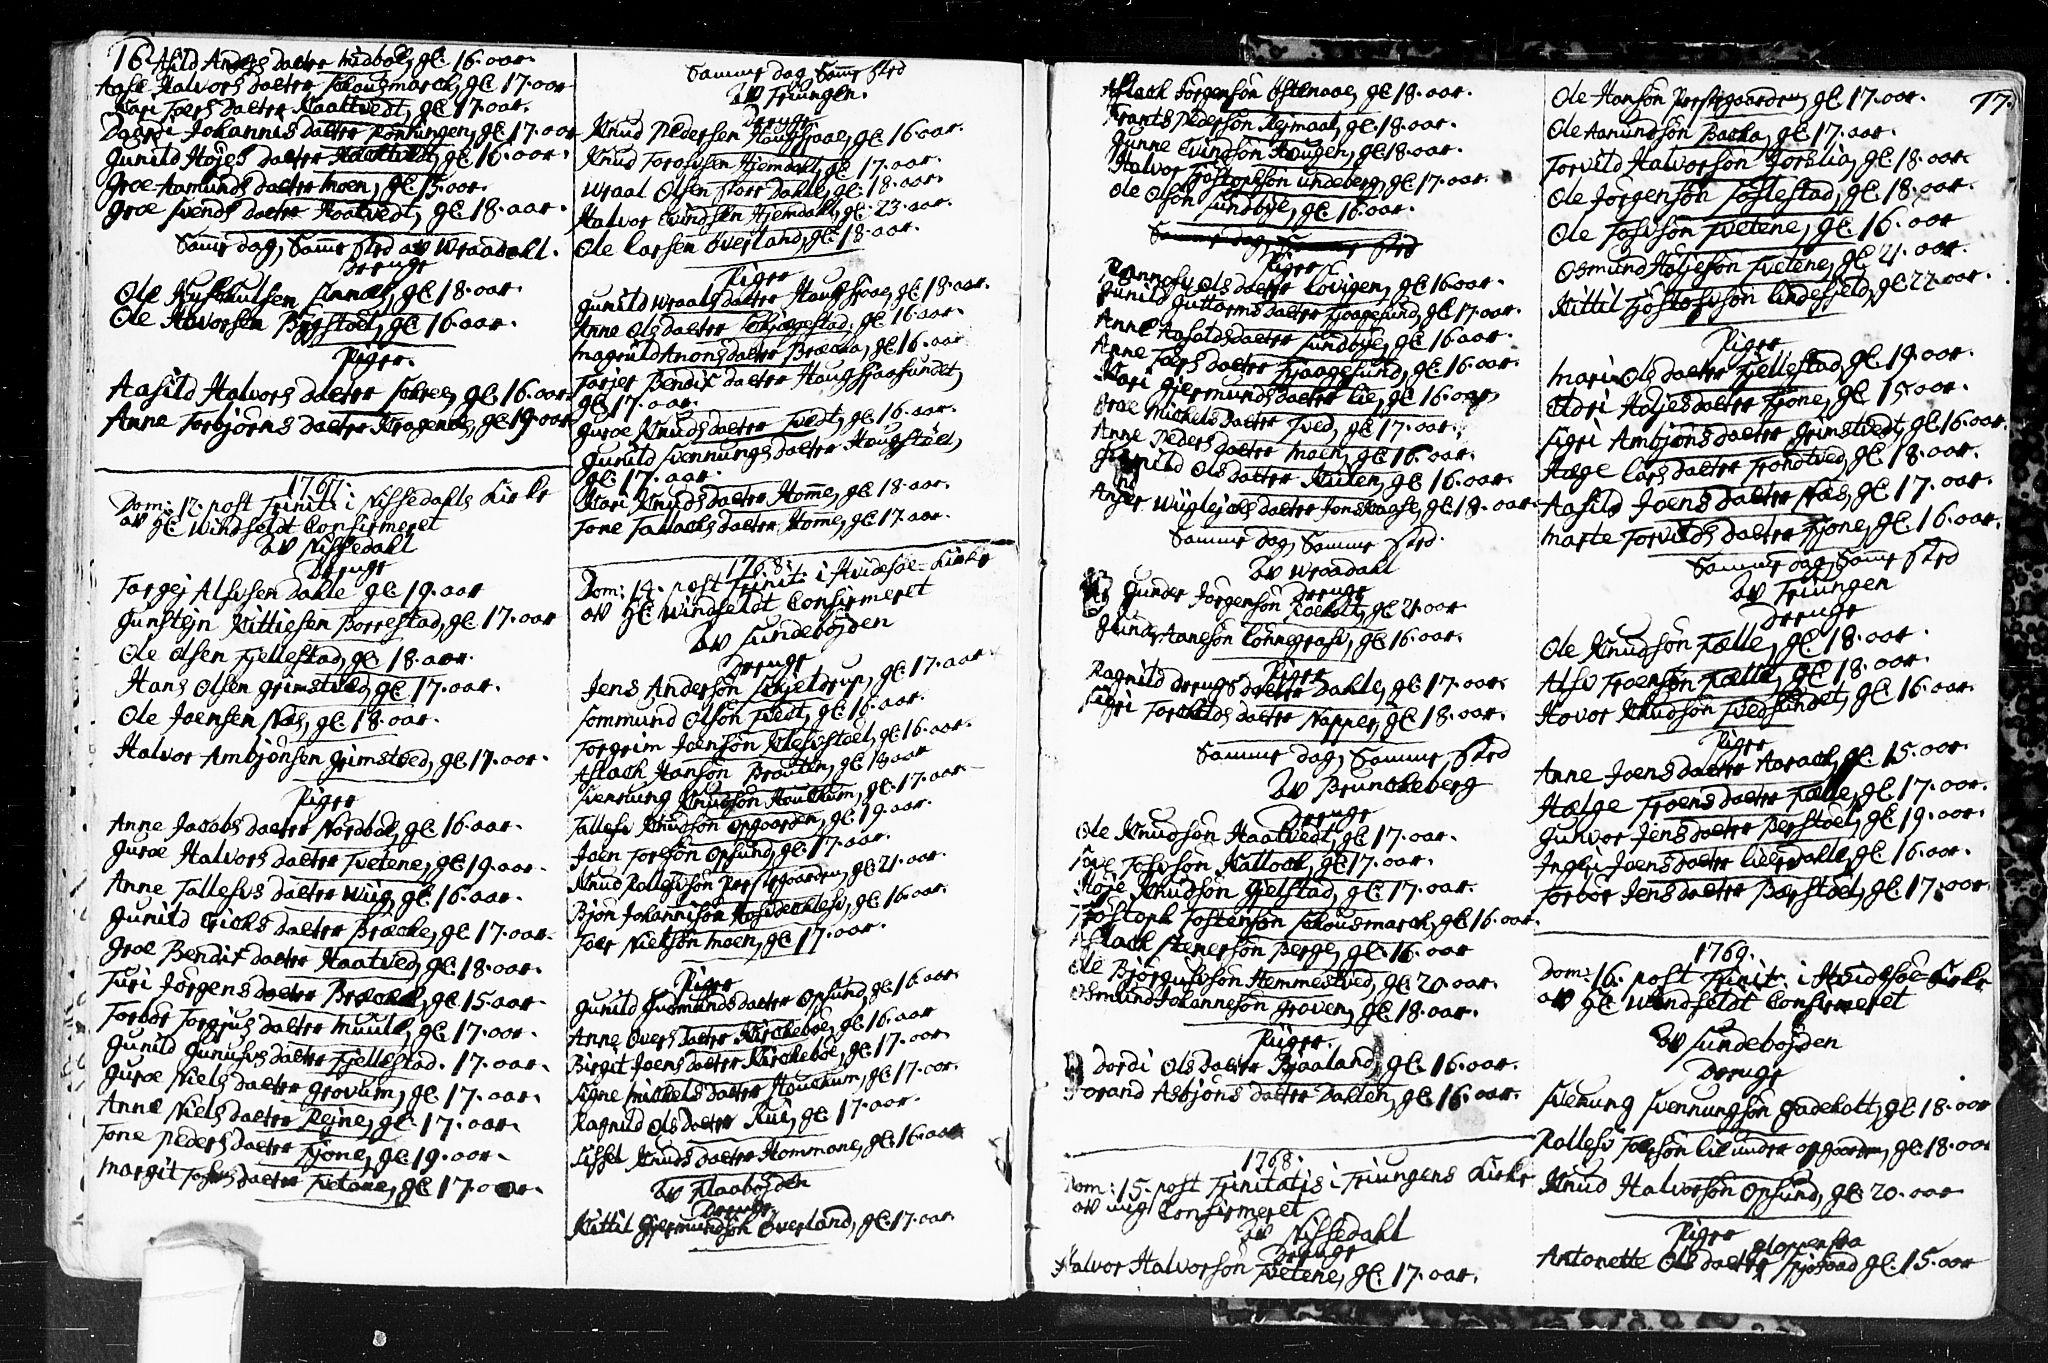 SAKO, Kviteseid kirkebøker, F/Fa/L0001: Ministerialbok nr. I 1, 1754-1773, s. 16-17